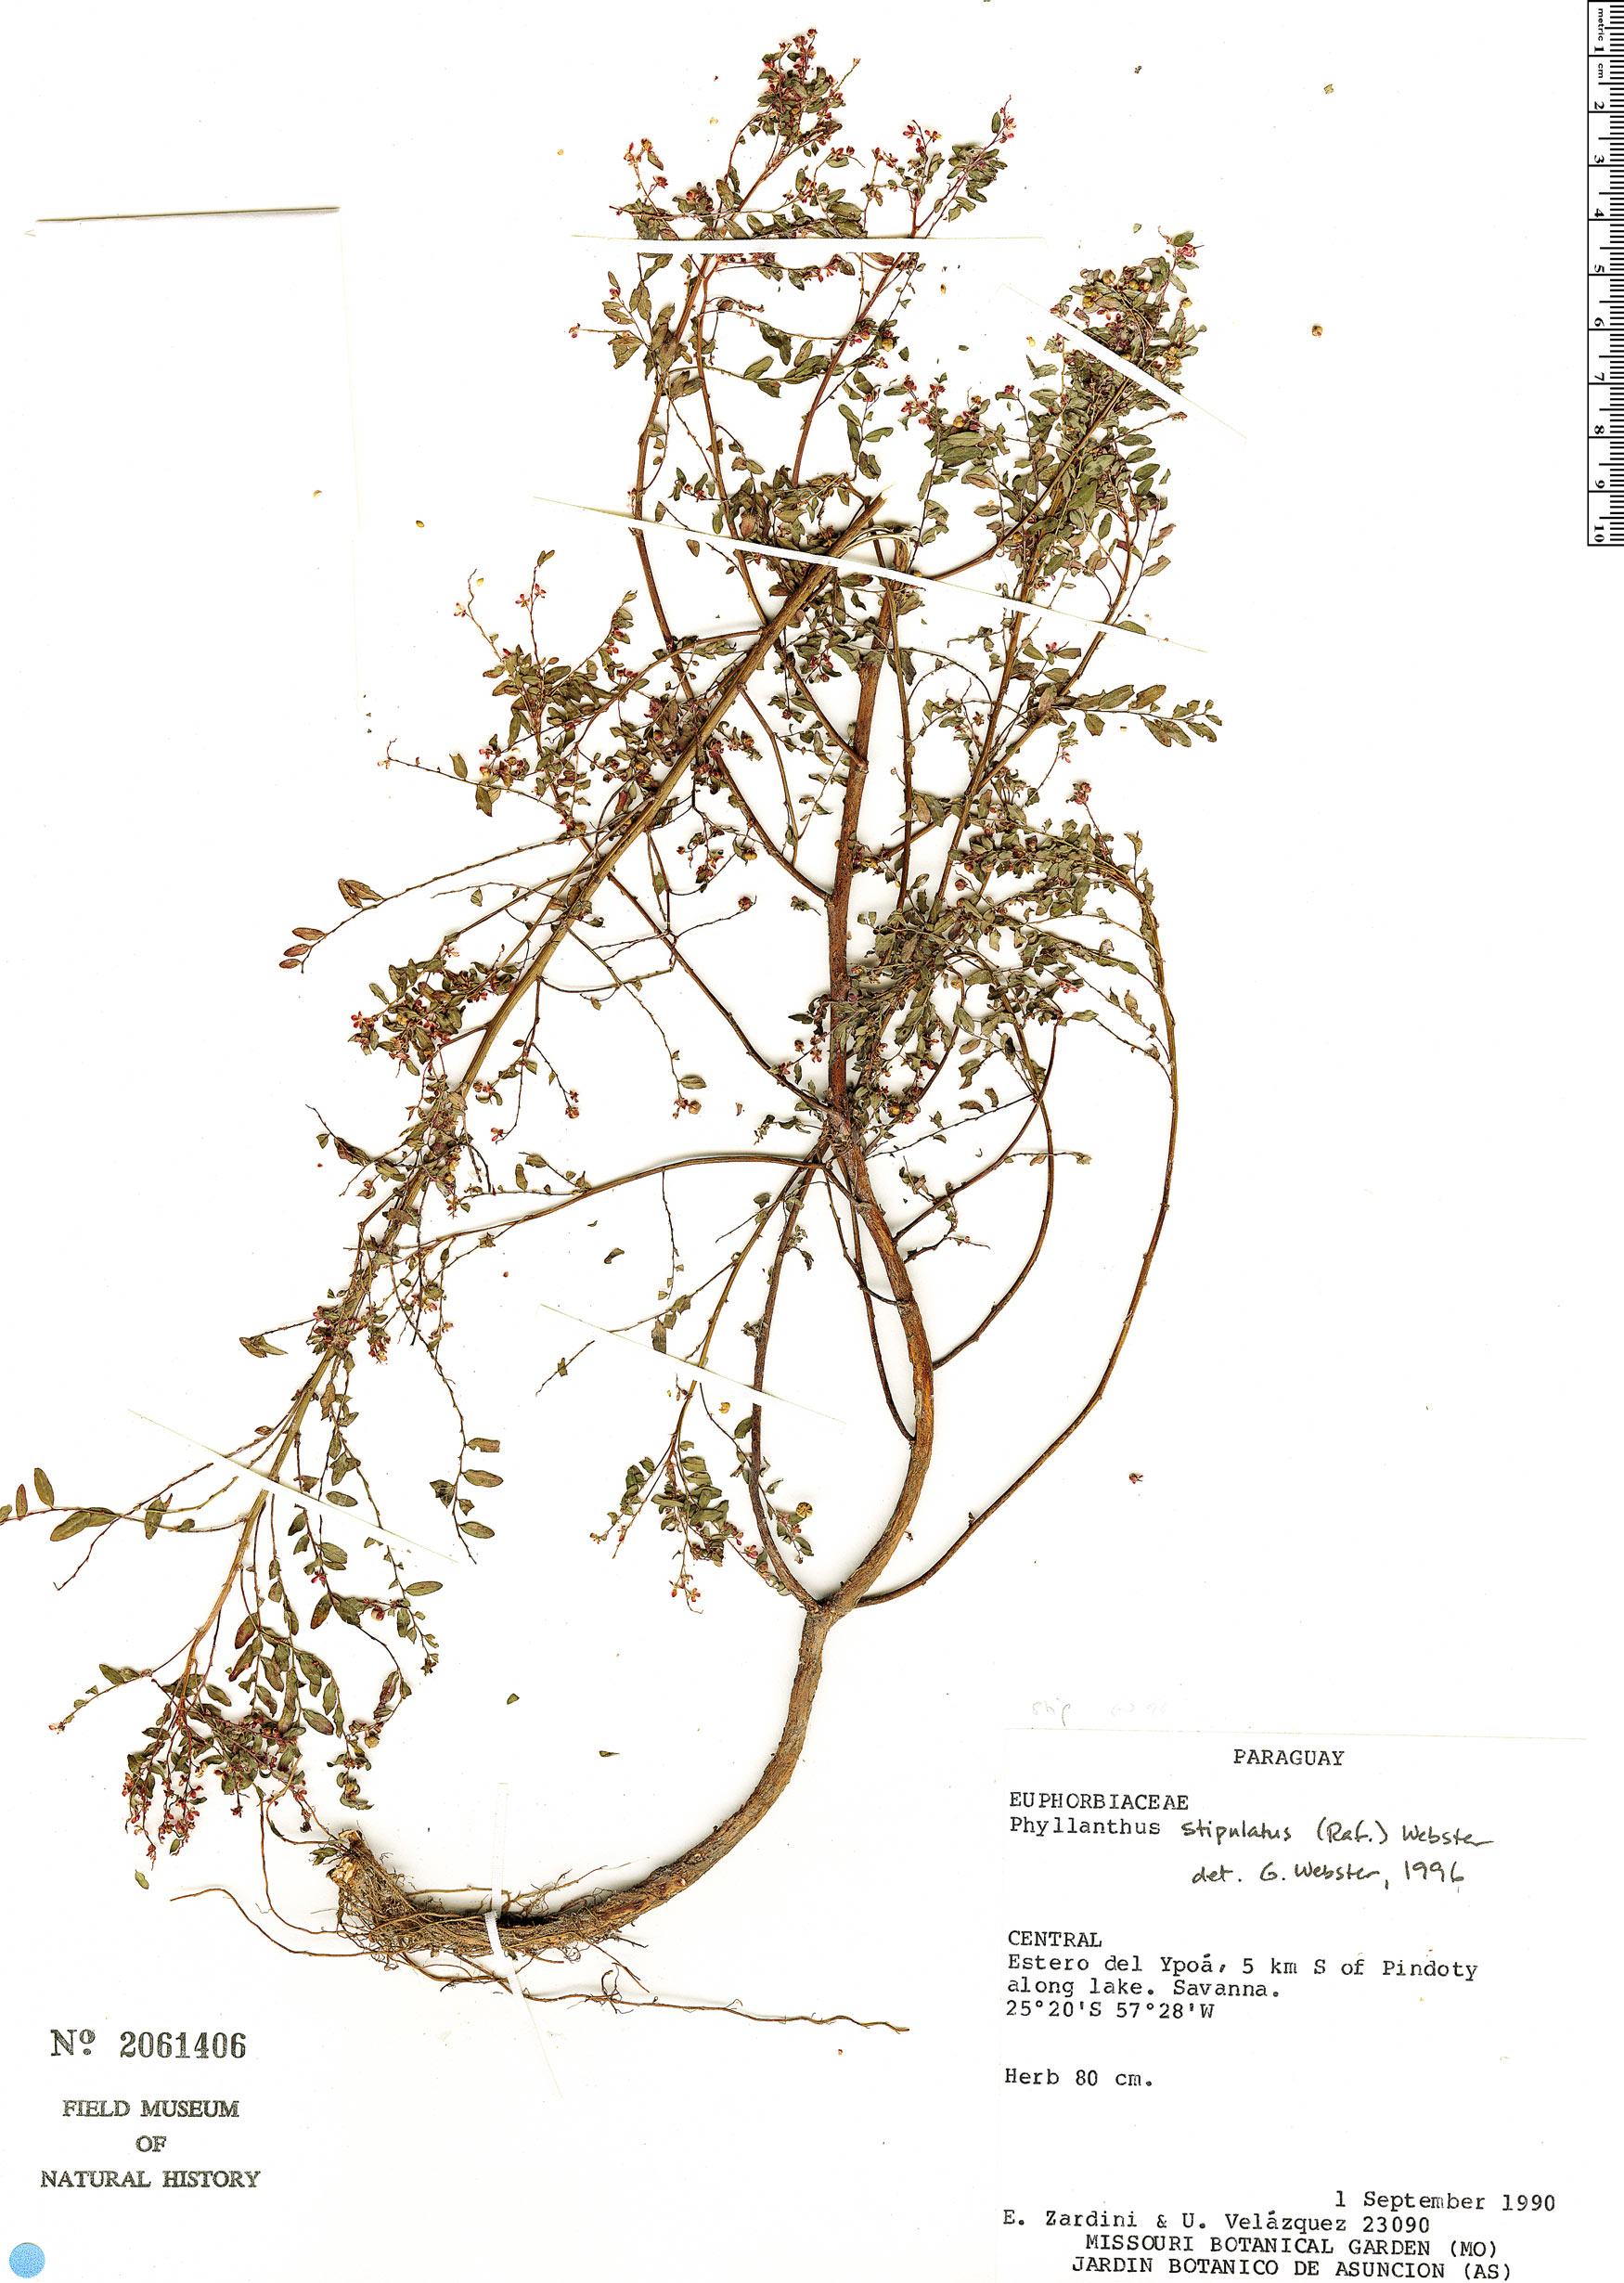 Specimen: Phyllanthus stipulatus